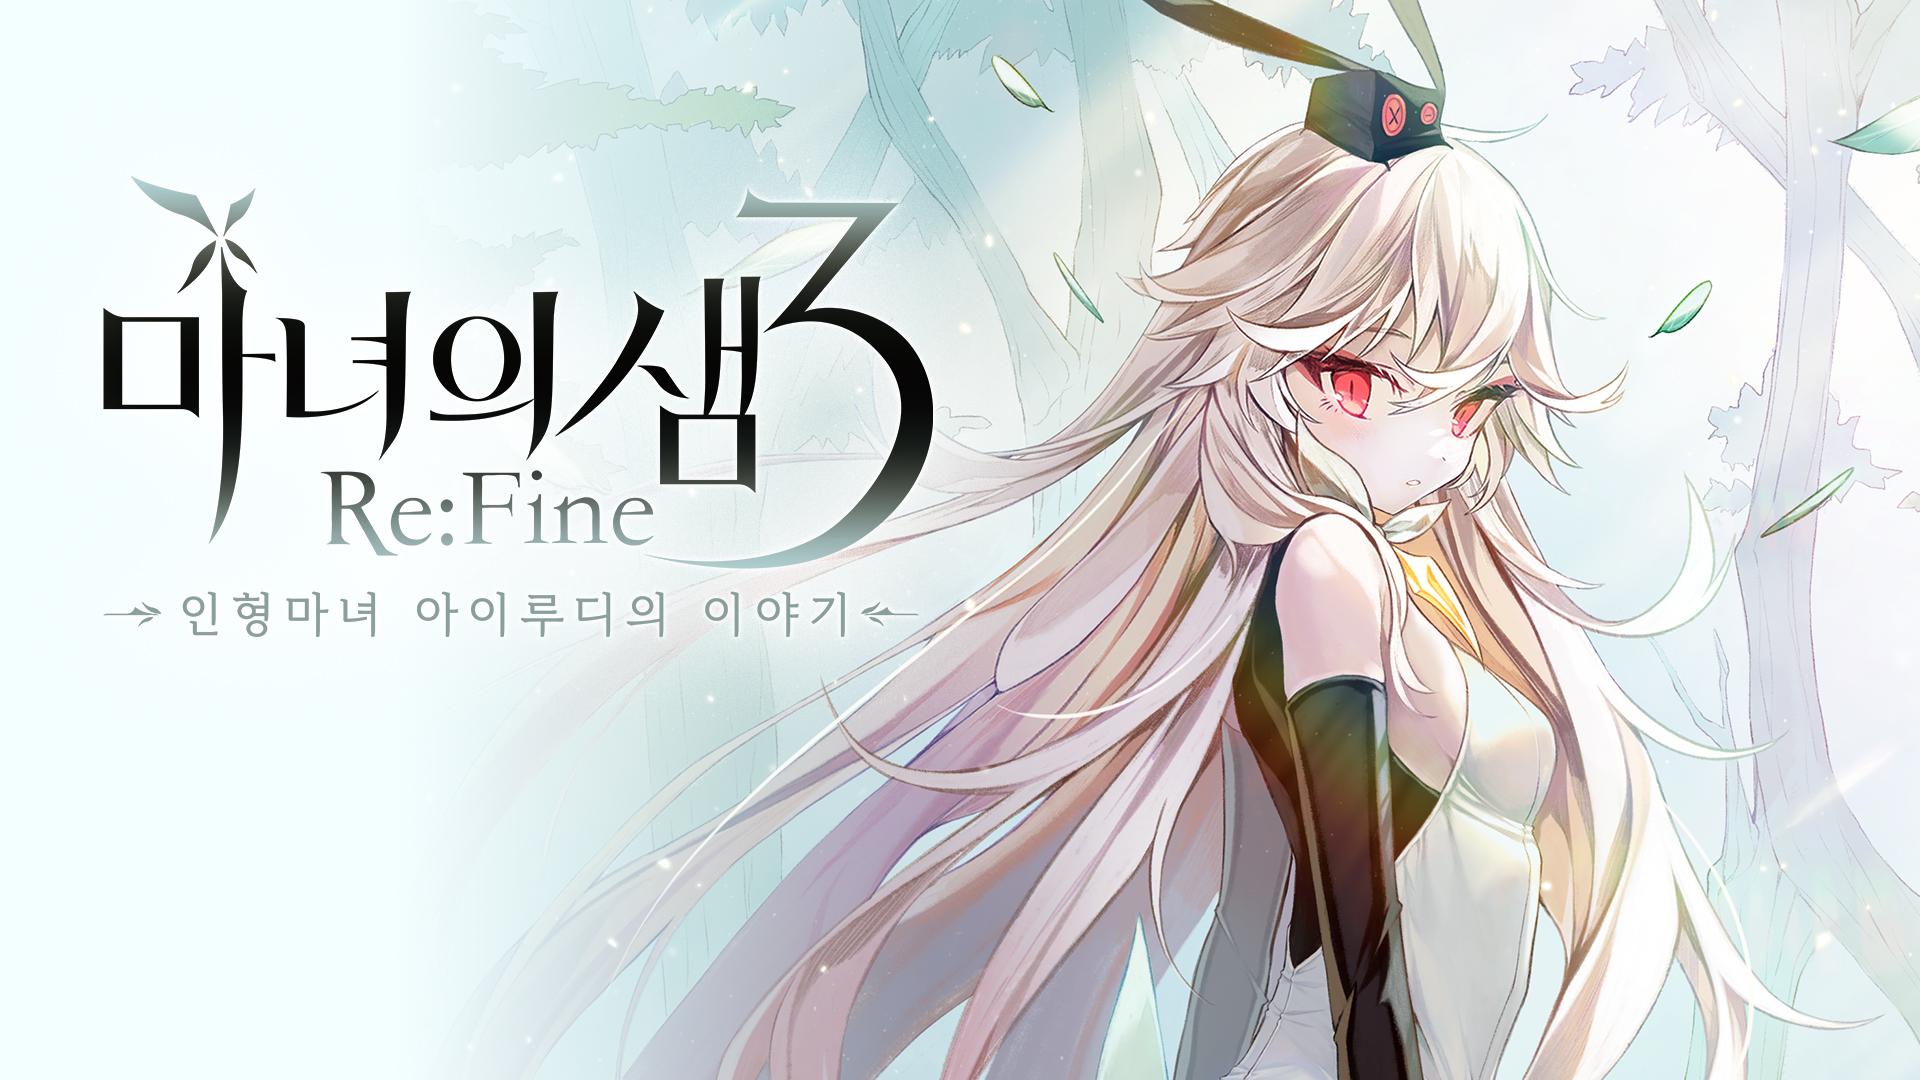 마녀의 샘3 Re:Fine <인형마녀 아이루디의 이야기>